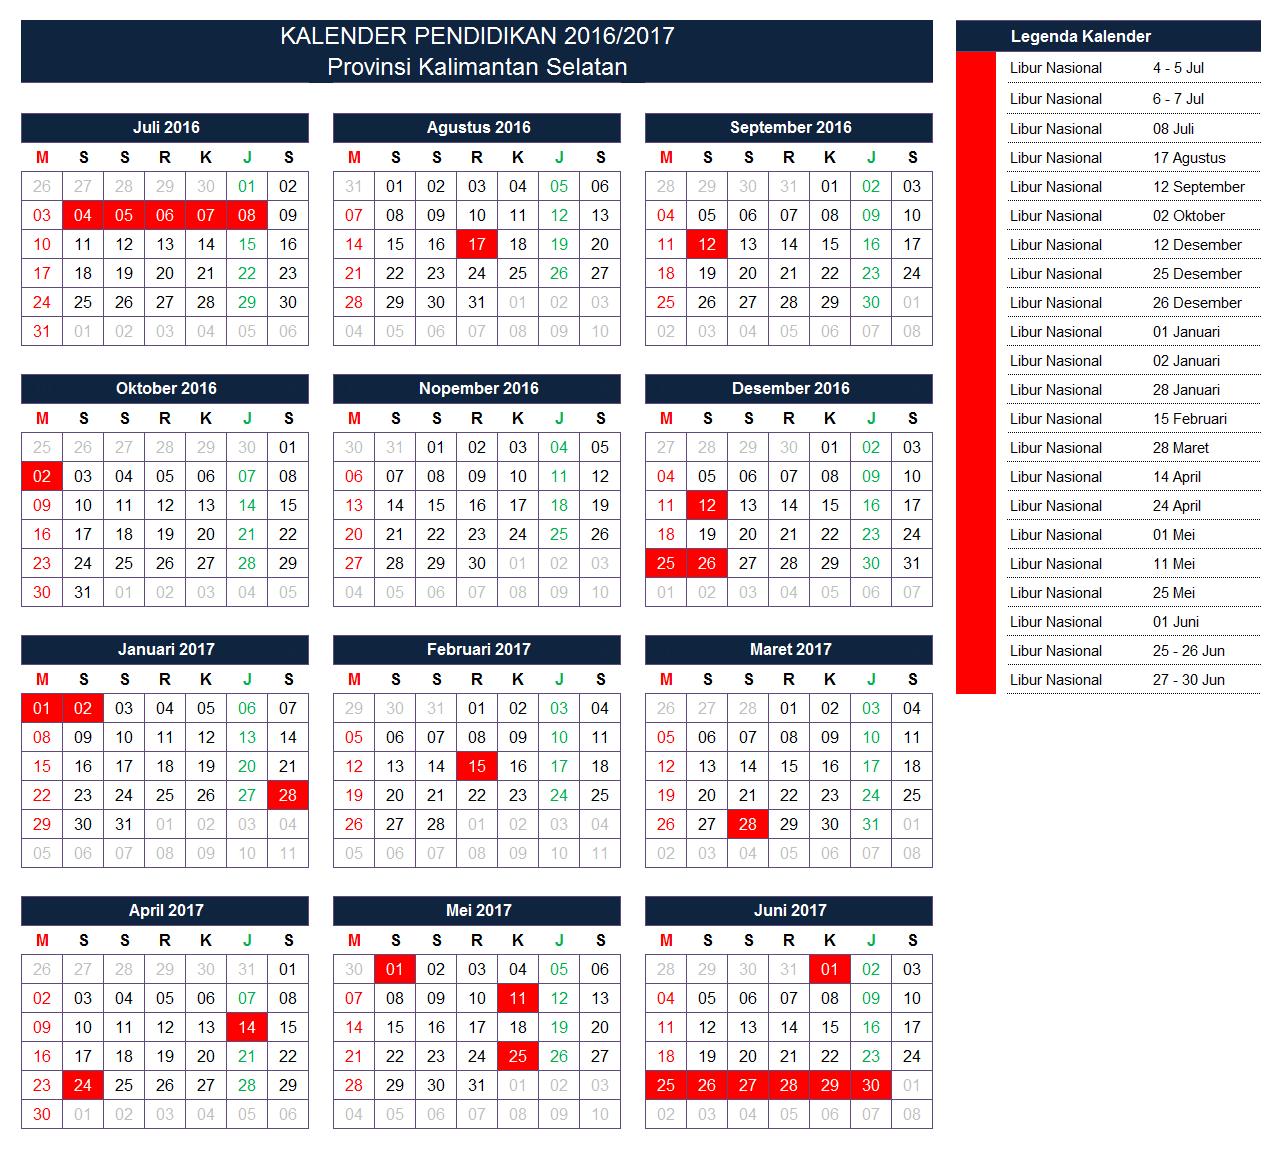 Kalender Pendidikan Provinsi Kalimantan Selatan